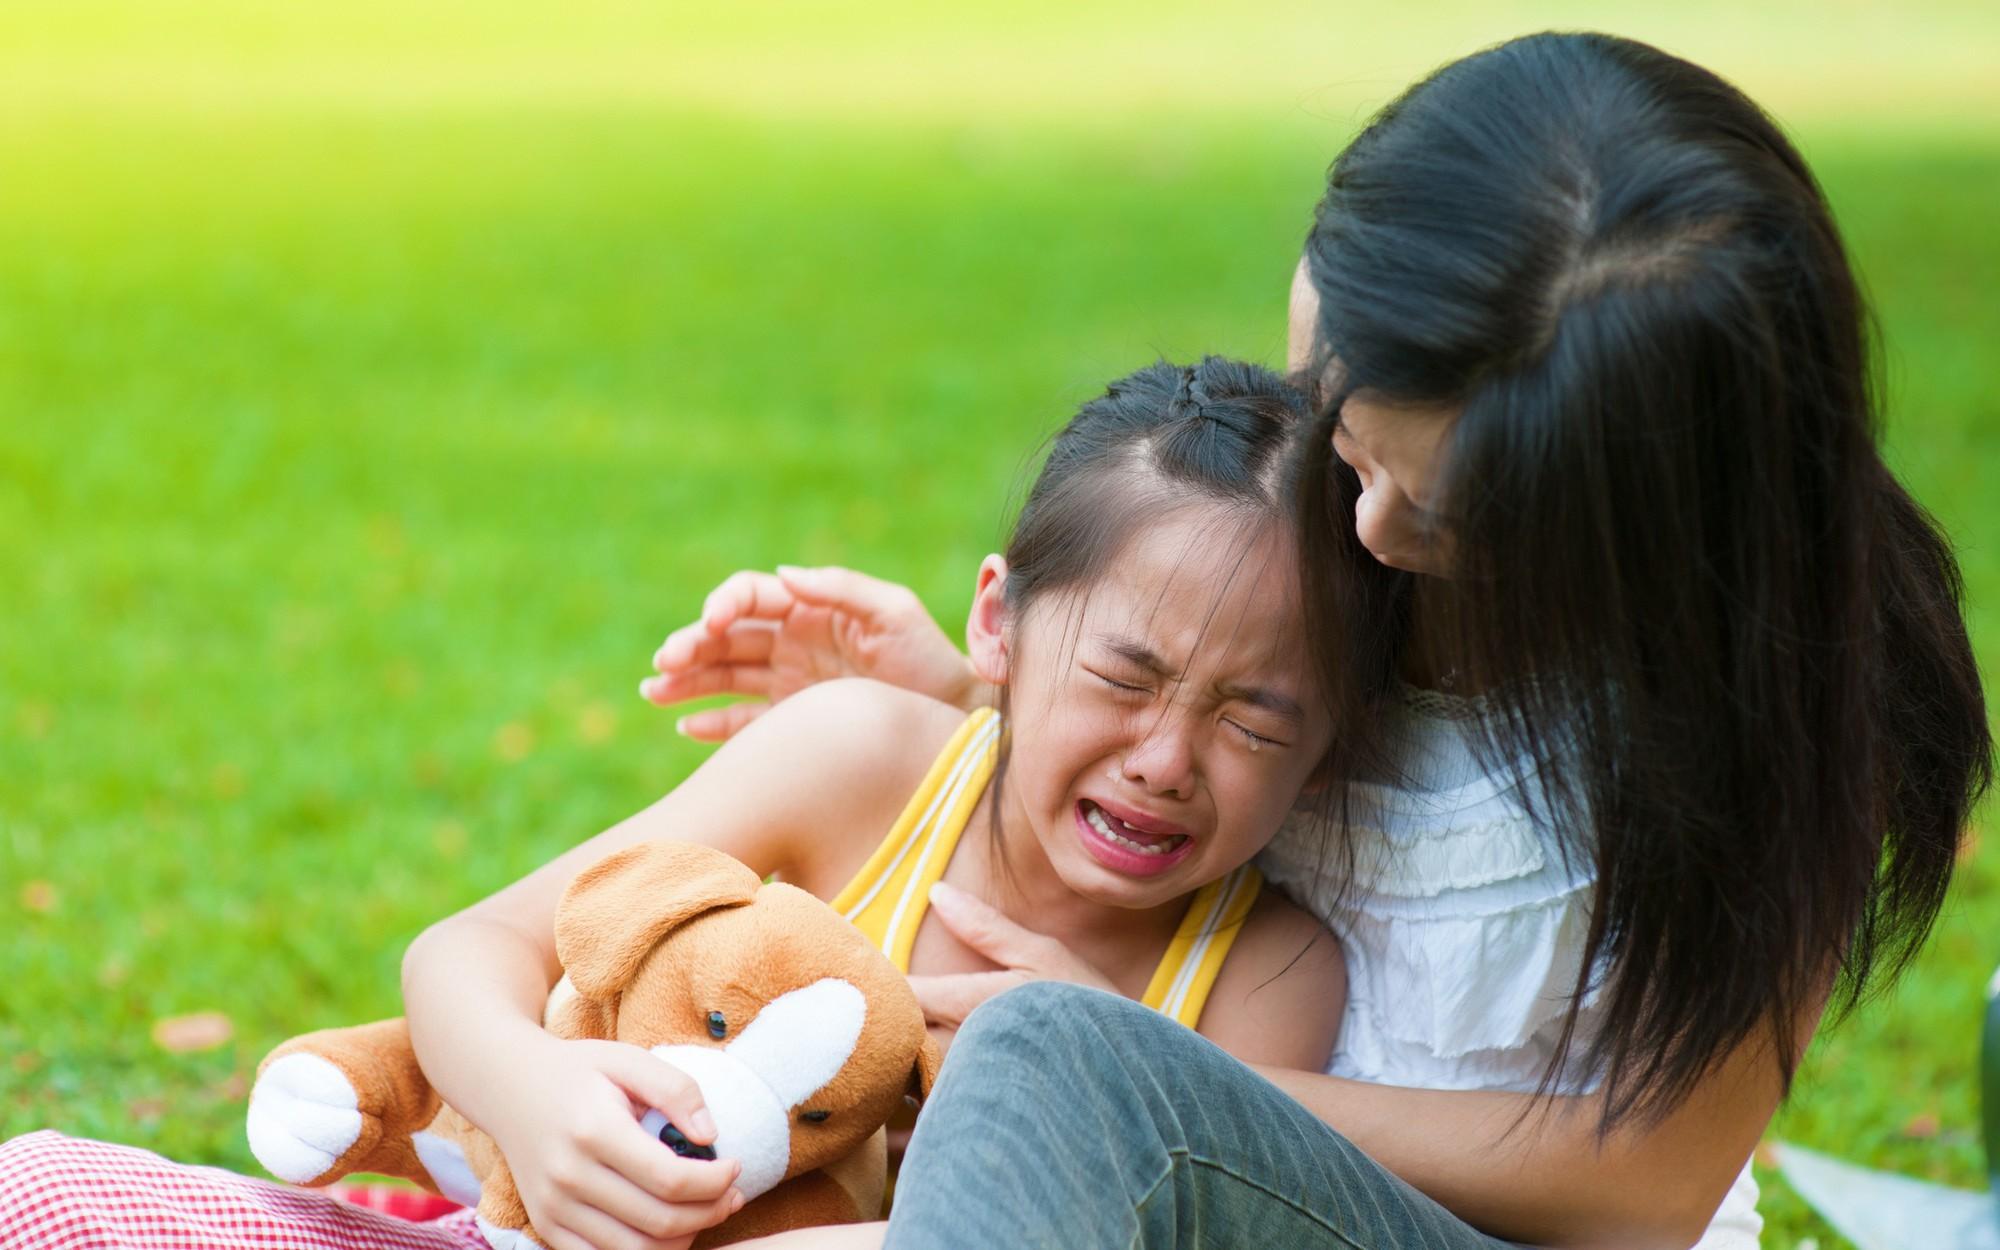 Cứ tưởng làm thế này là yêu con, nhưng thực ra cha mẹ đang hại con - Ảnh 1.